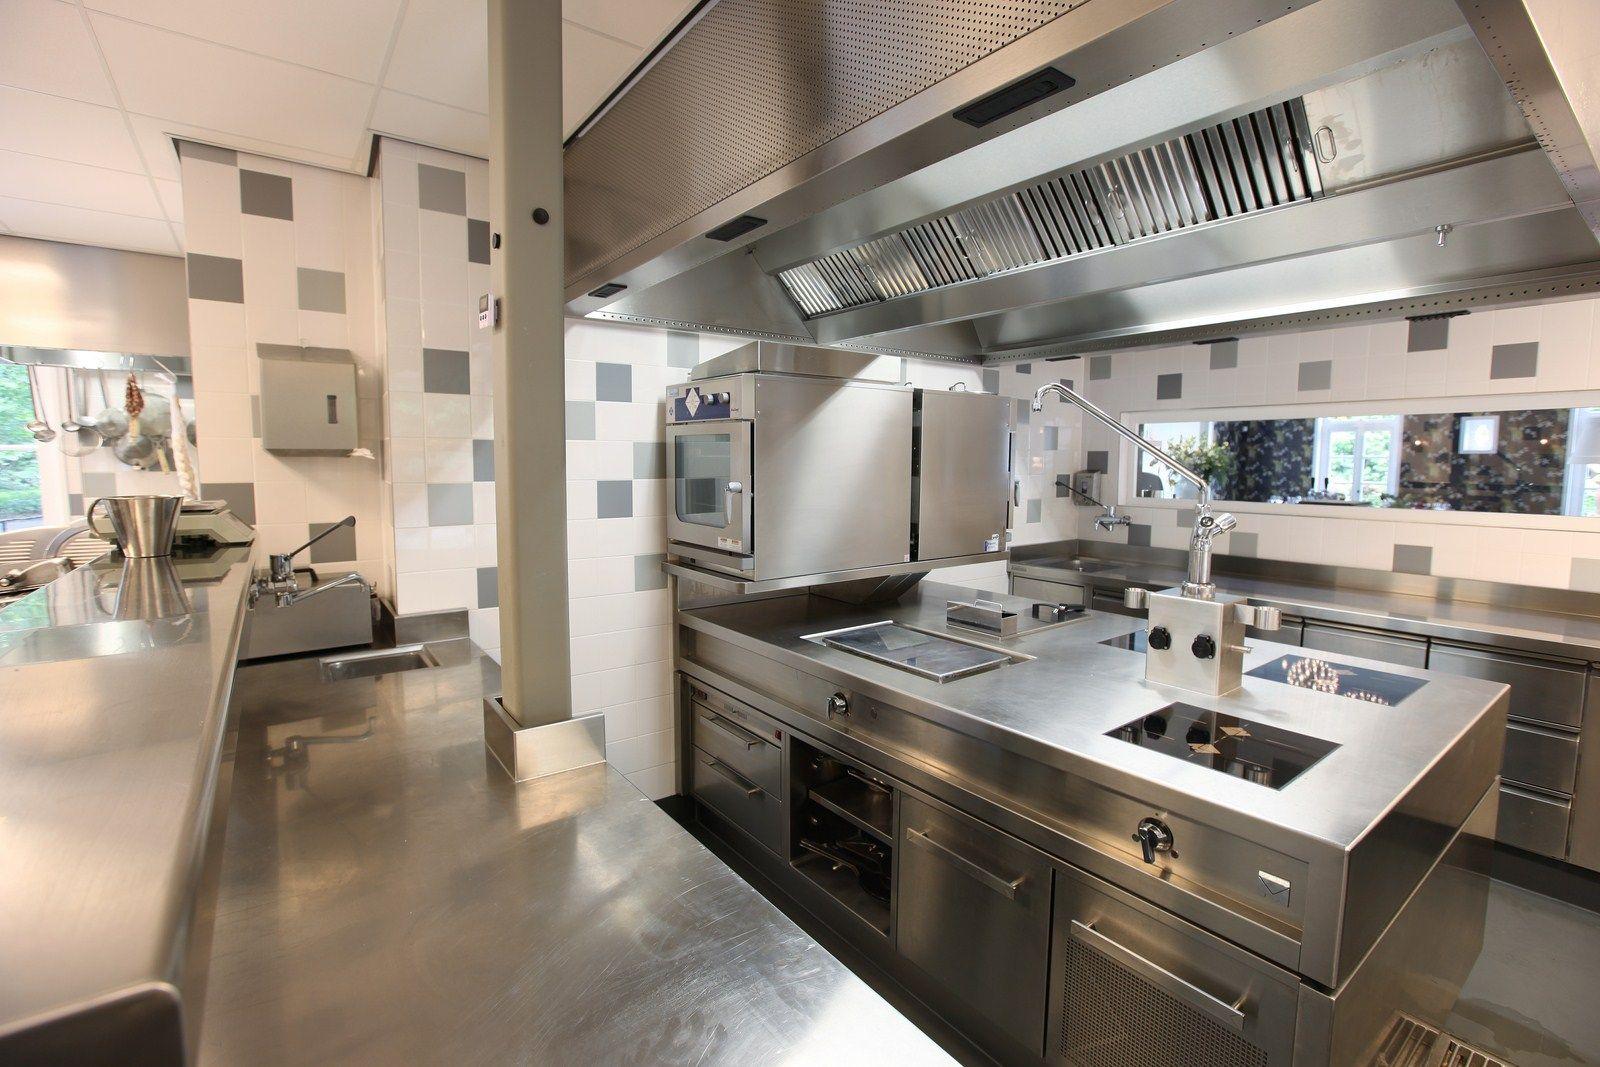 Restaurant kitchen design  Restaurant Kitchen  Live cooking restaurantFood prep stations